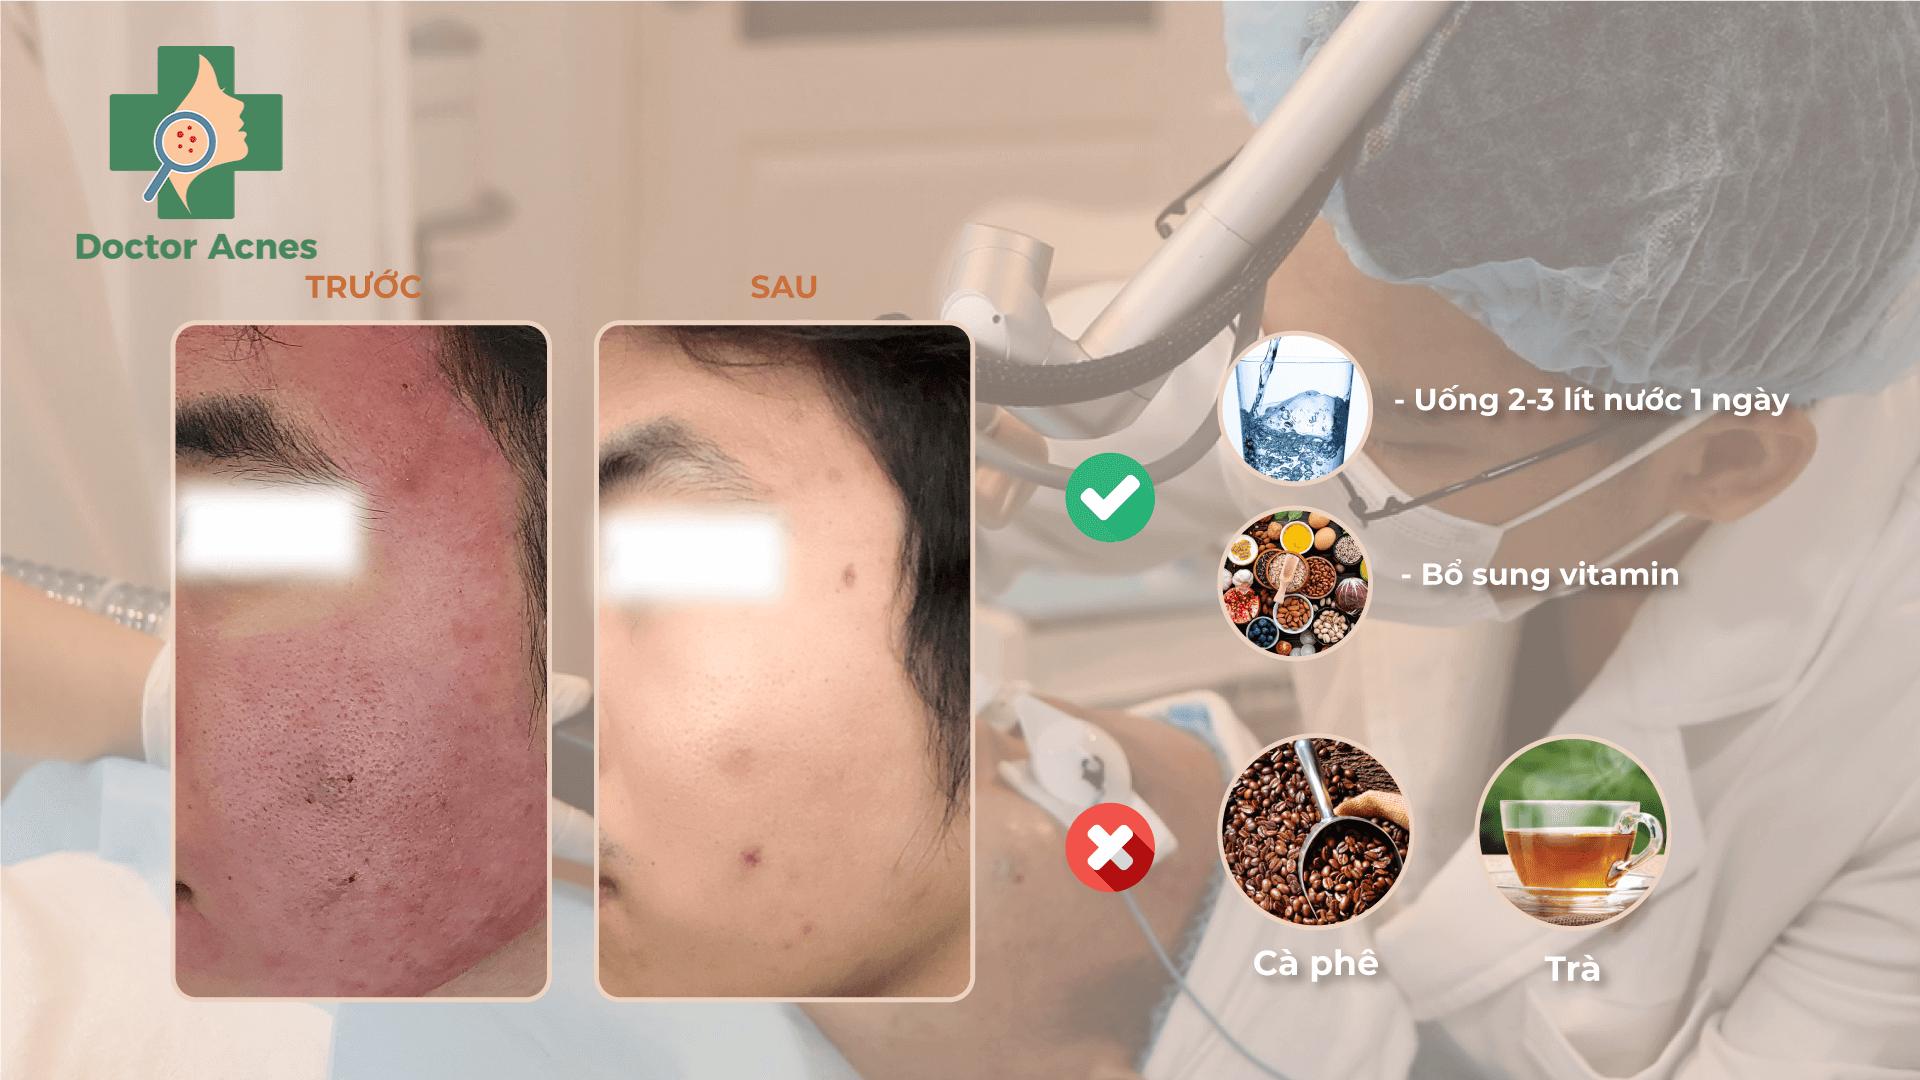 Những lưu ý sau điều trị sẹo rỗ - Doctor Acnes